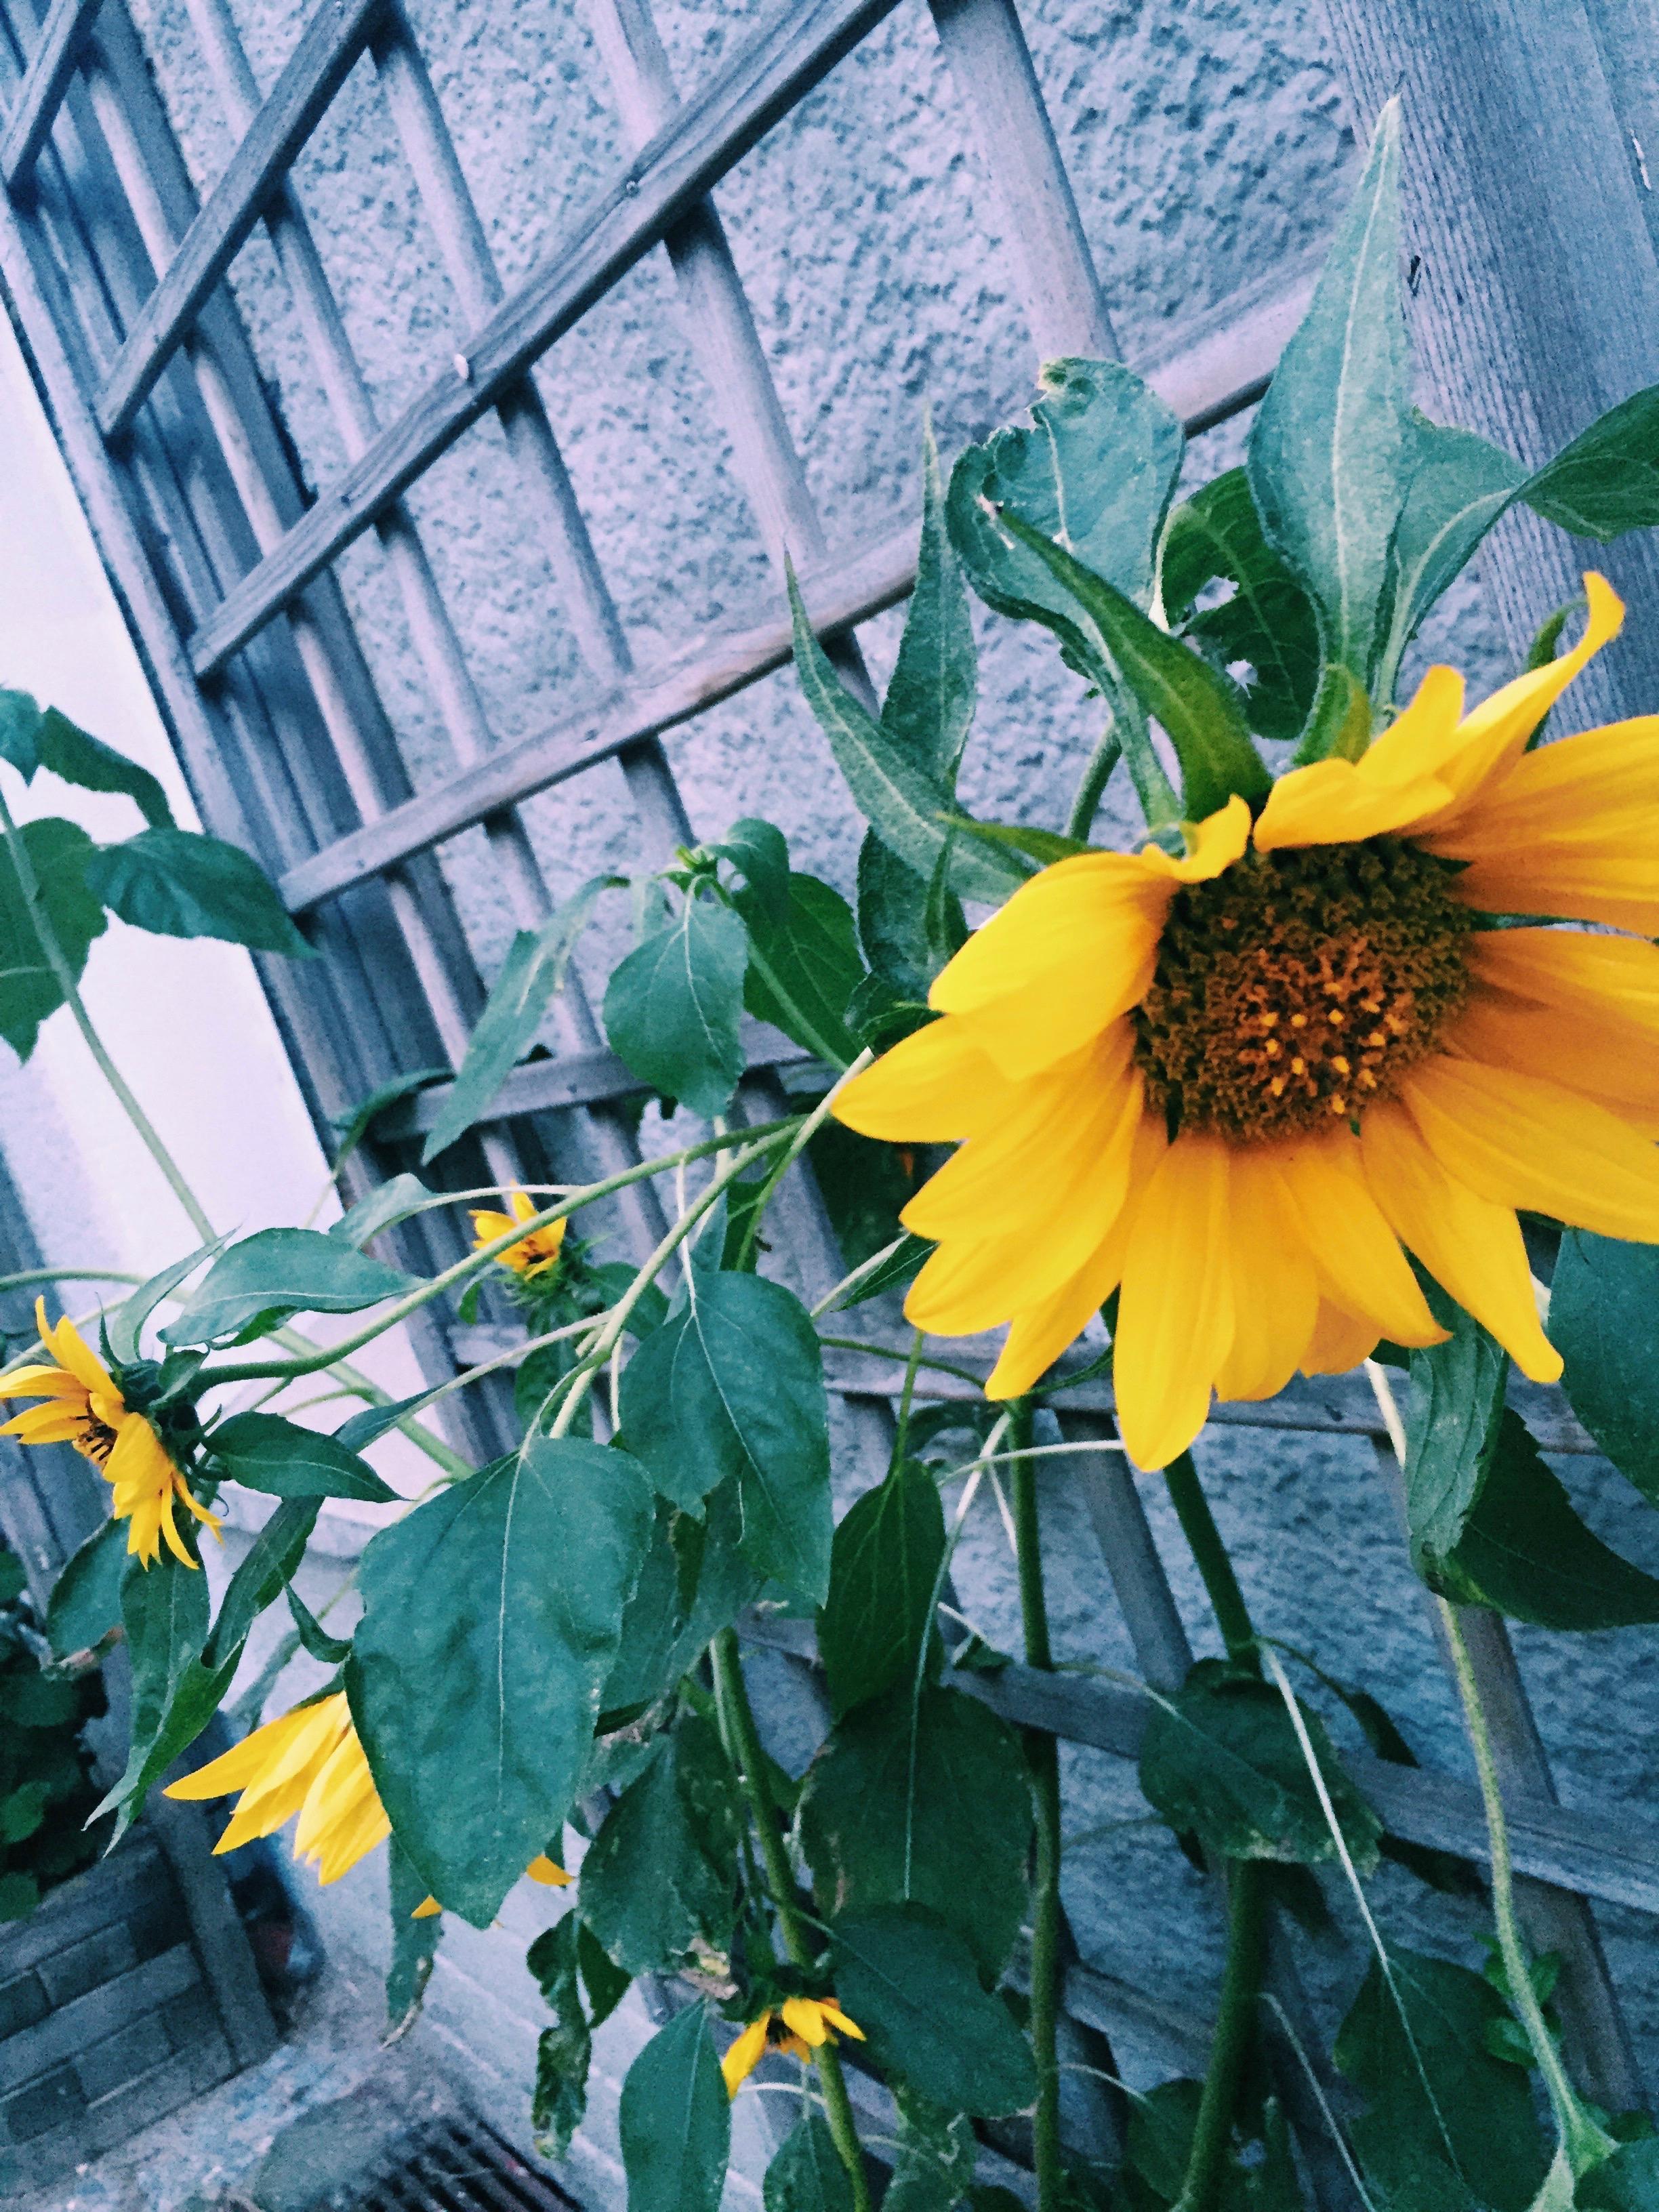 Beautiful Sunflowers in Berlin